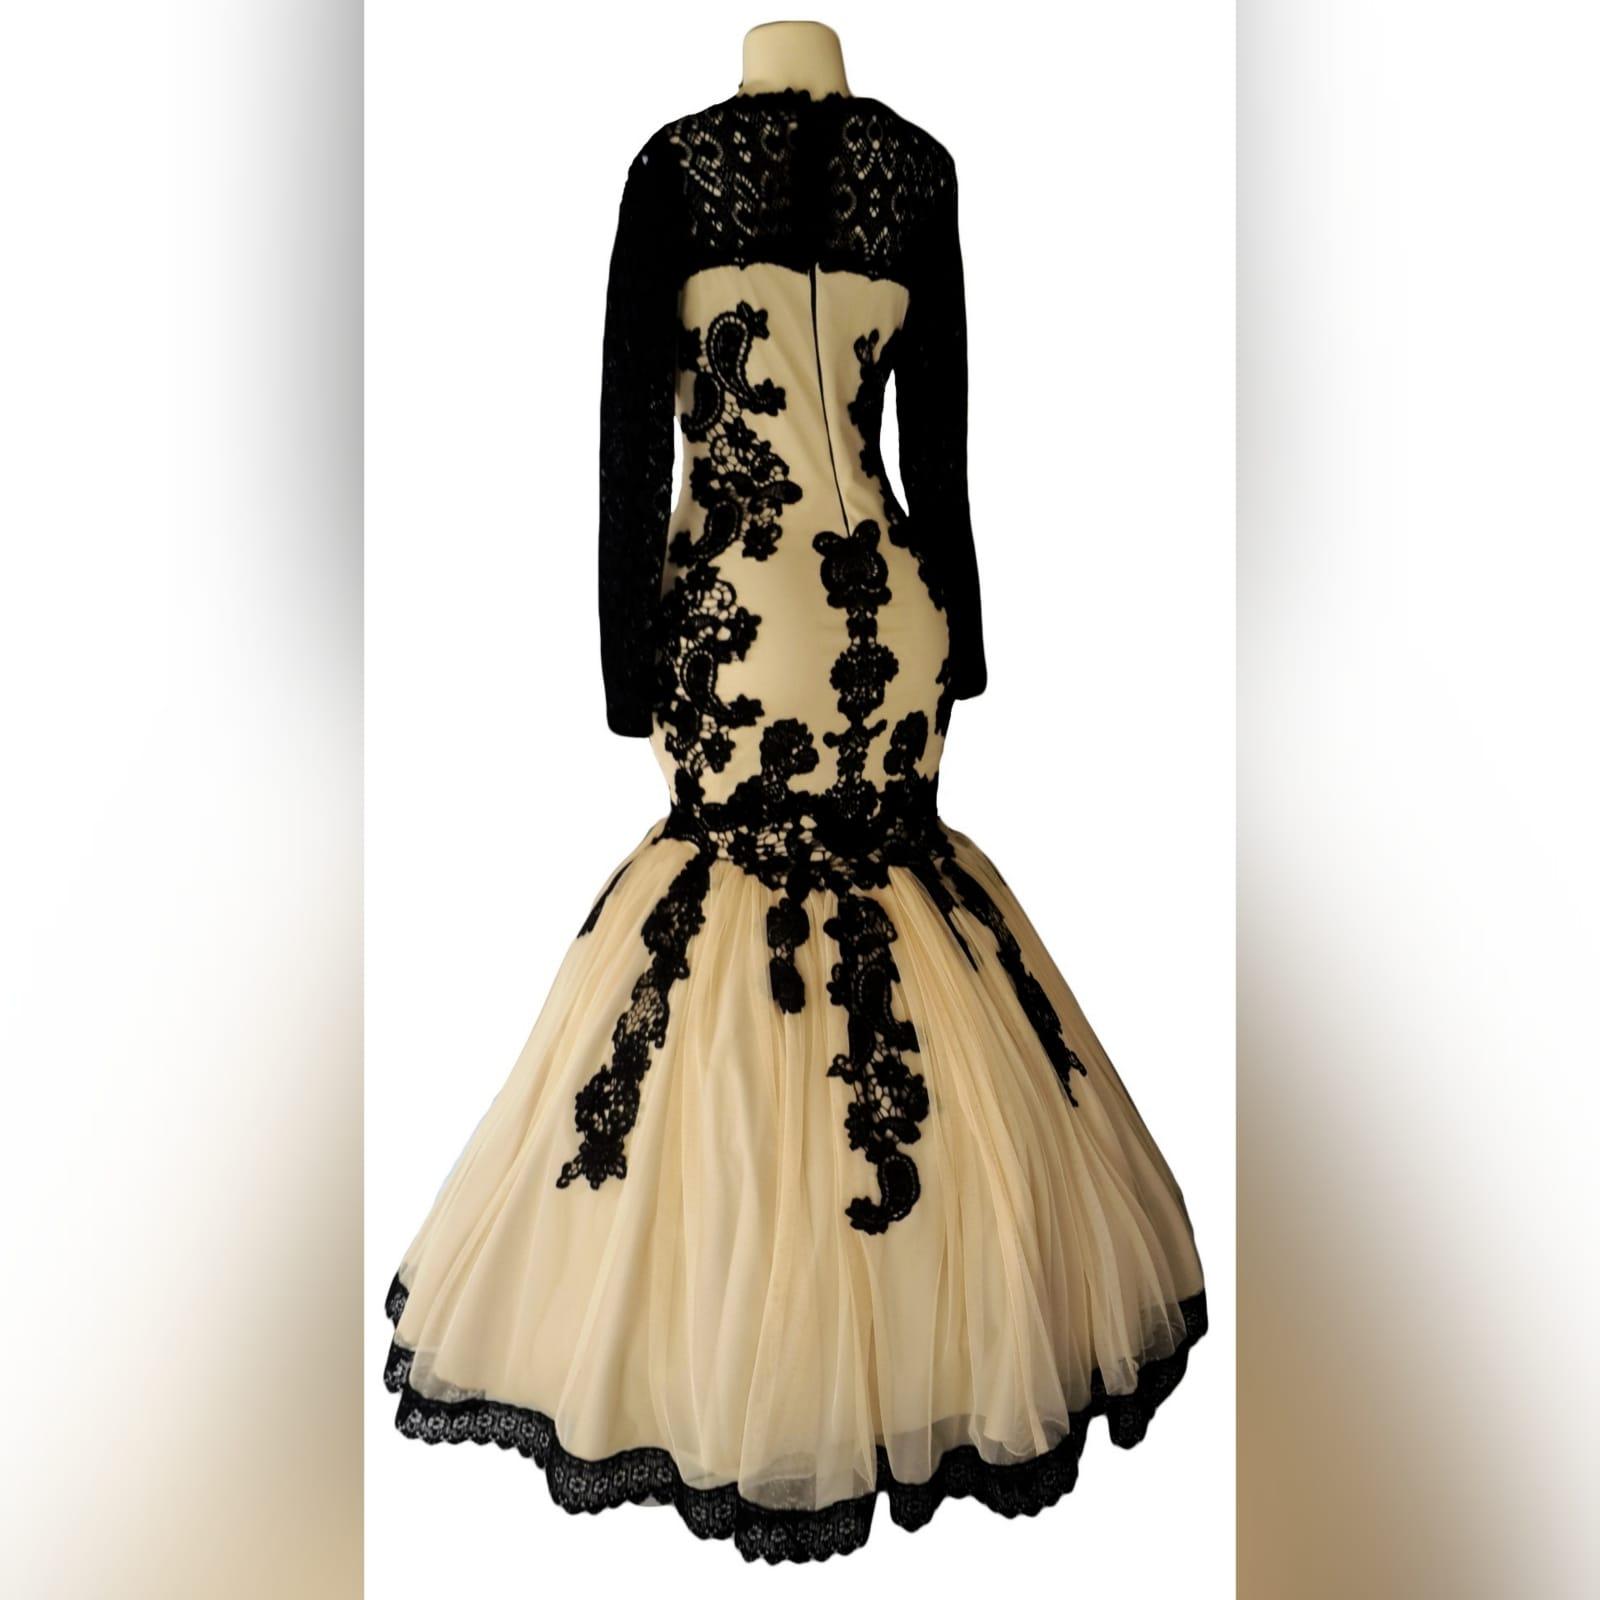 Vestido de gala sereia bege e preto 2 vestido de gala sereia bege e preto. Vestido detalhado com renda preta, decote em renda preta translucida com mangas compridas